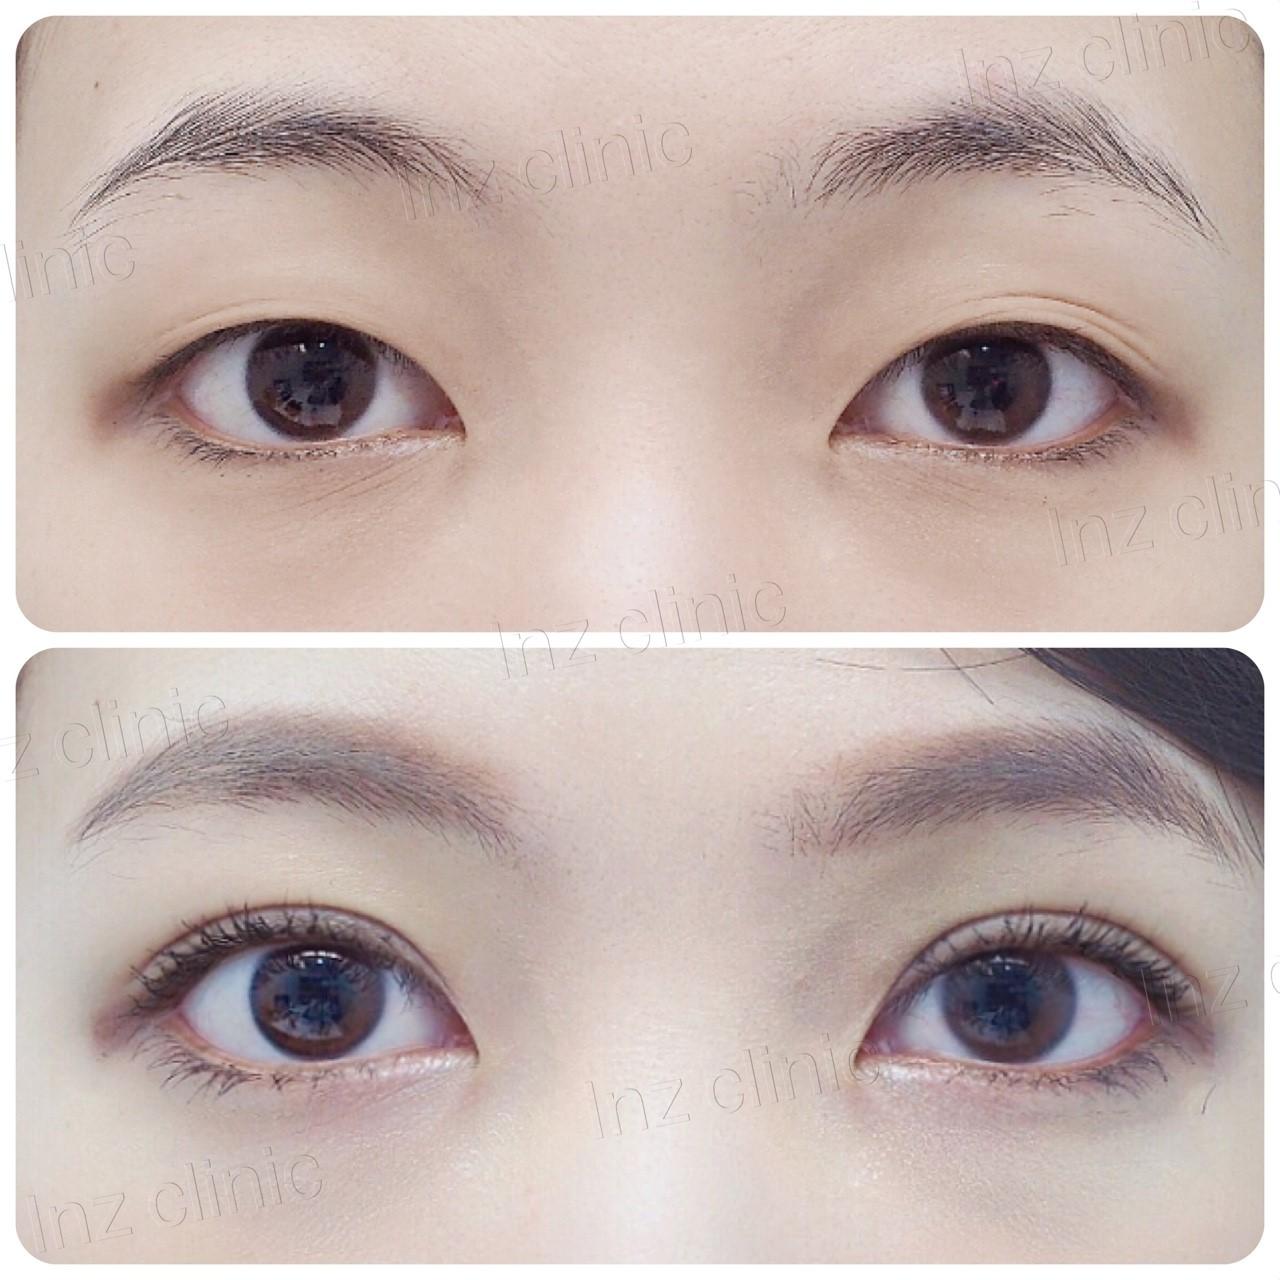 เทคนิคศัลยกรรมตาสองชั้นแผลเล็ก_หมอหลิน_02